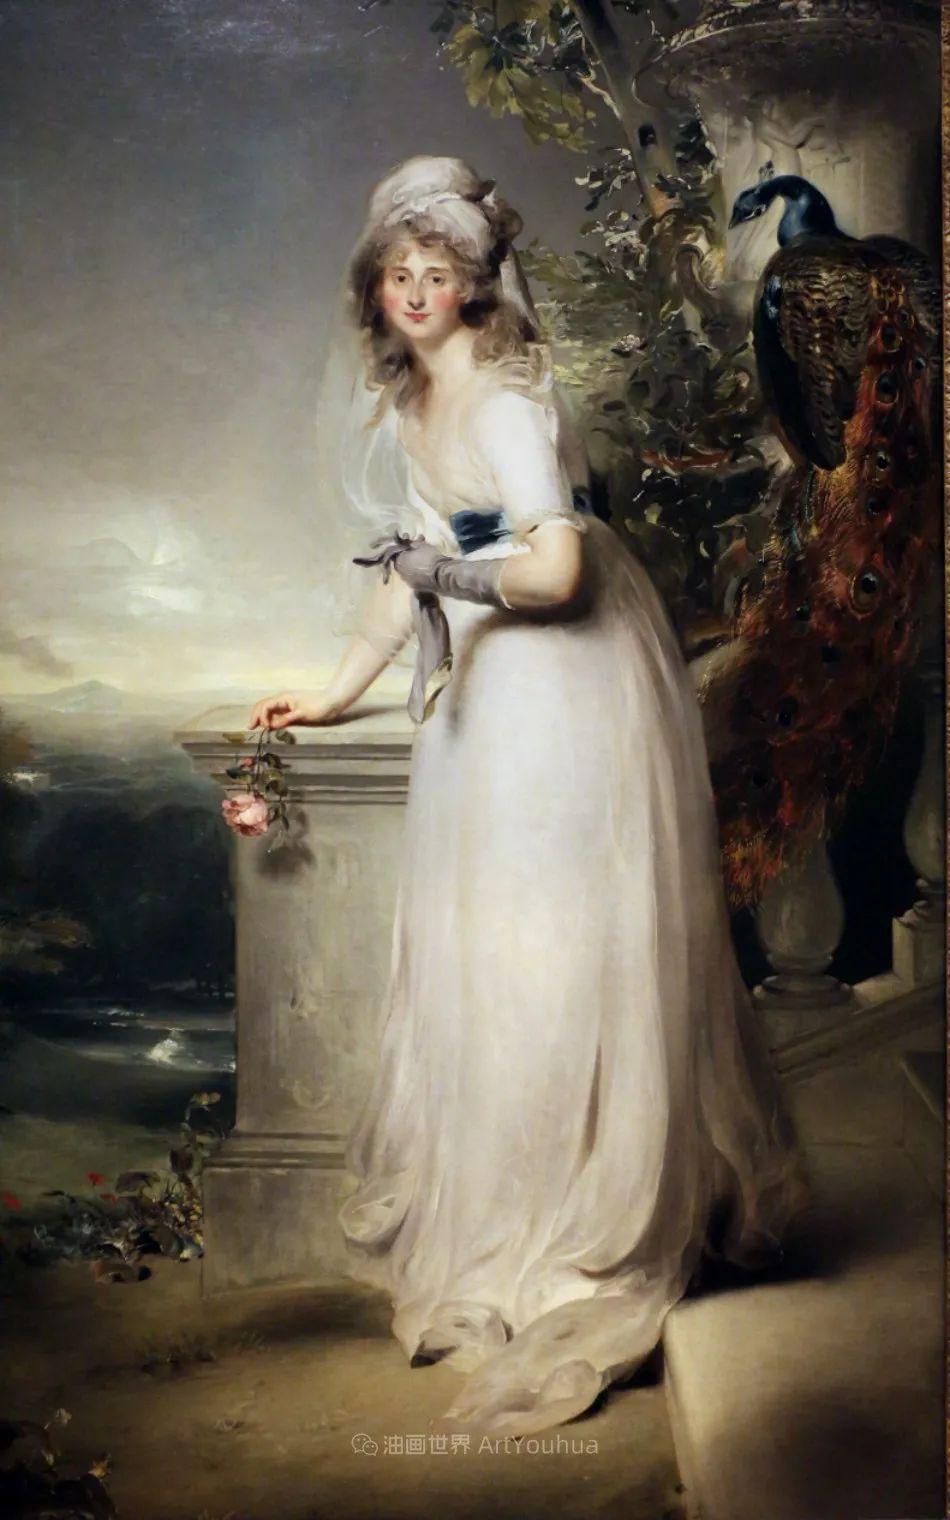 两百年前华丽风格的女性肖像,奔放的笔触、明亮的色彩!插图59